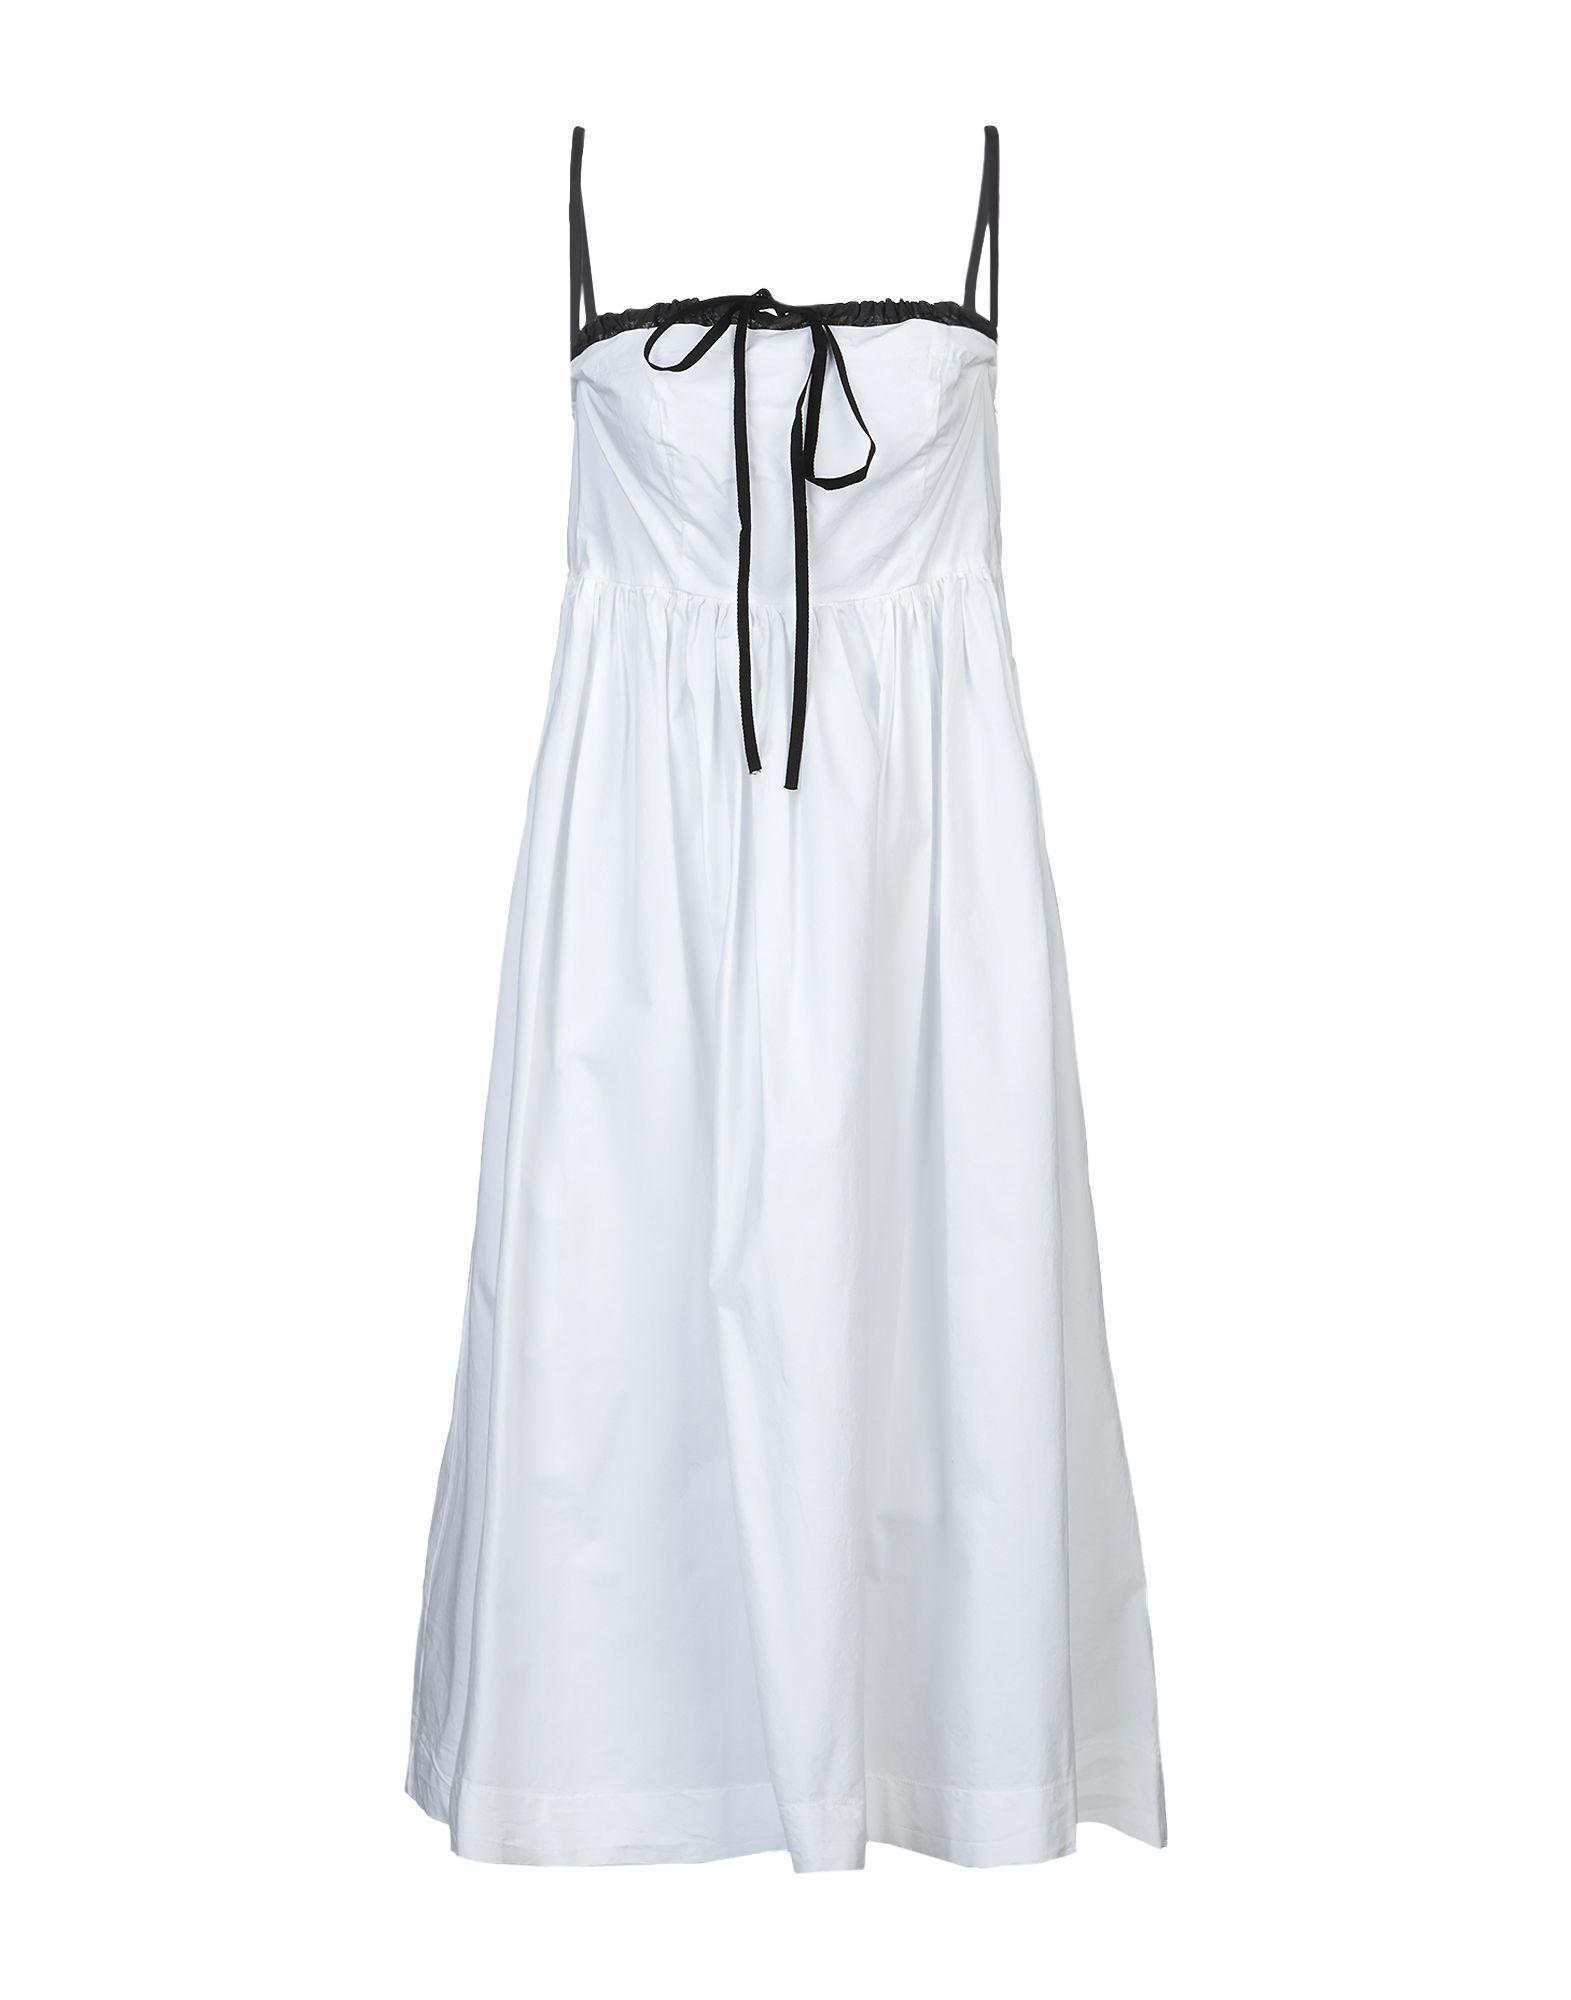 цена COLLECTION PRIVĒE? Платье длиной 3/4 онлайн в 2017 году